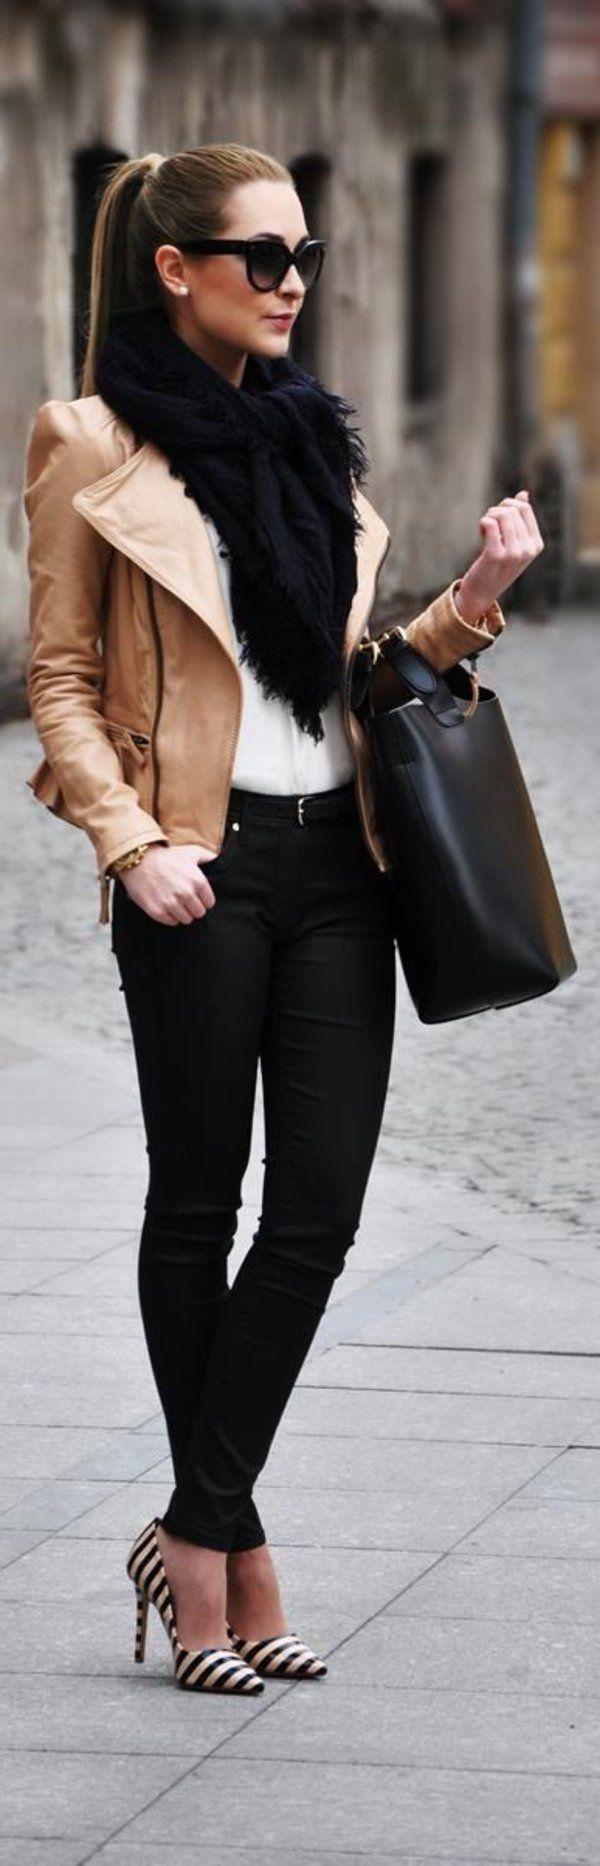 Les 25 meilleures id es concernant pantalons en cuir noir sur pinterest tenue avec pantalon en - Tenue cuir femme ...